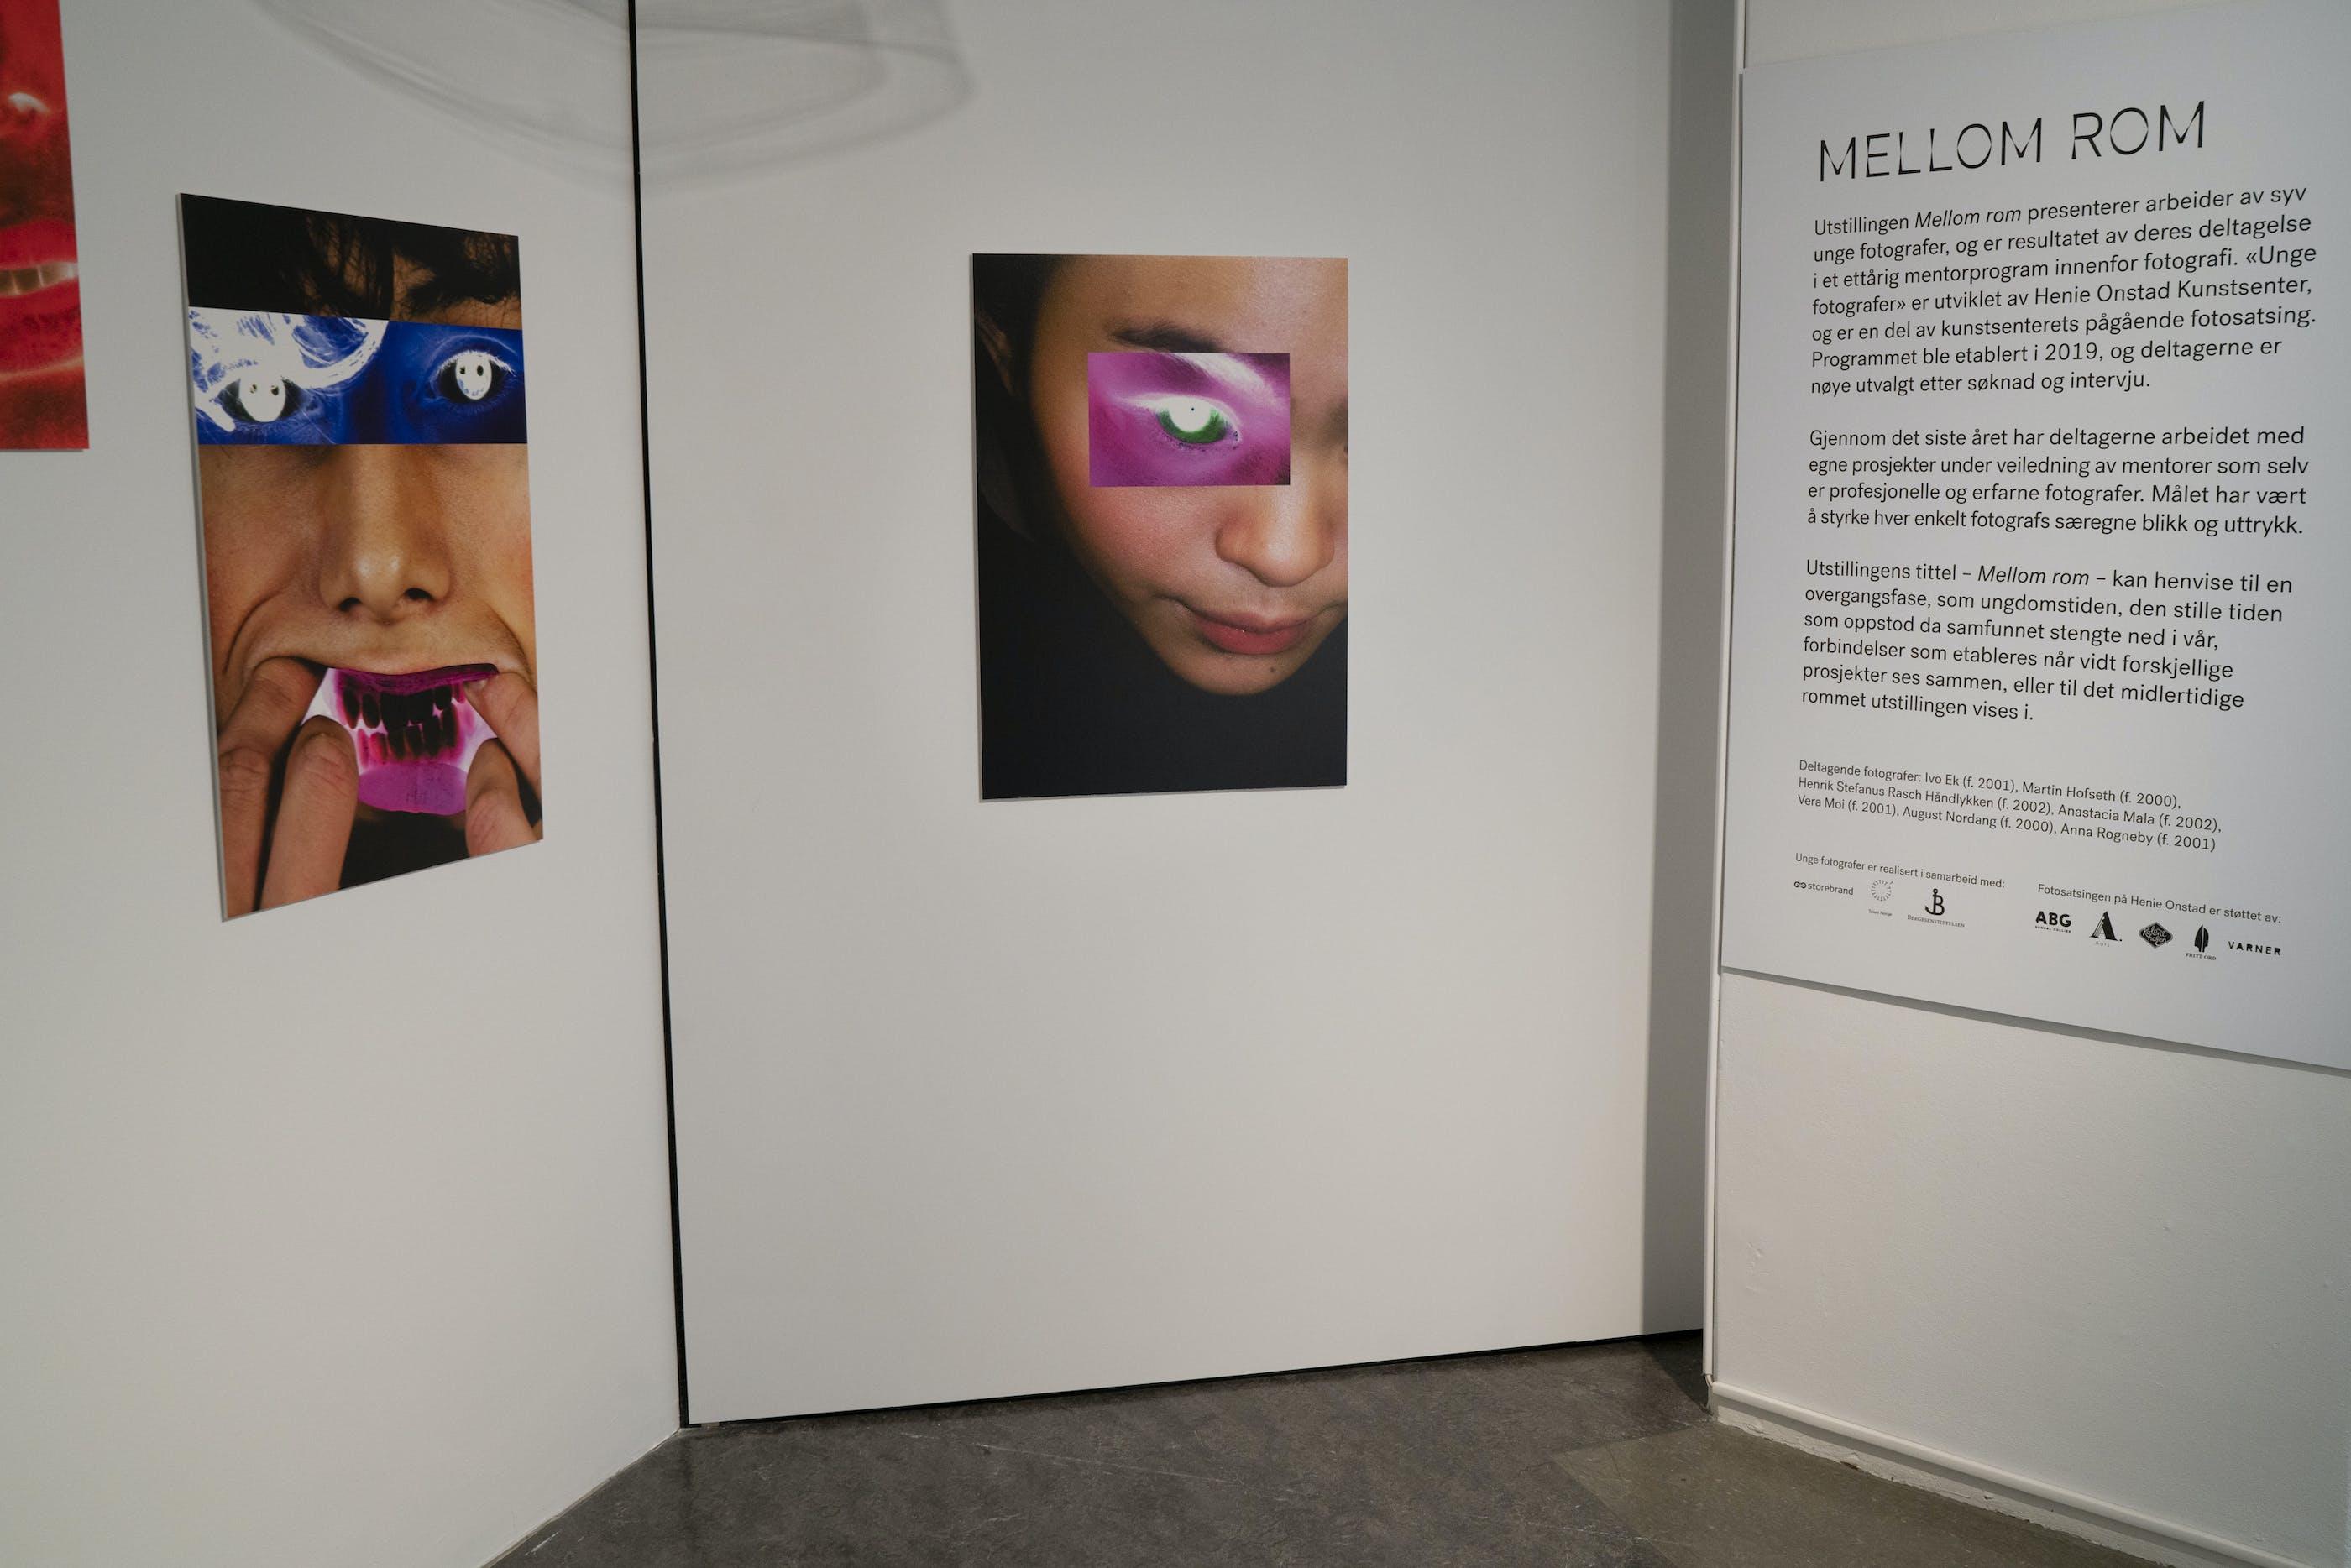 Henie Onstad Kunstsenter Mellom rom 003